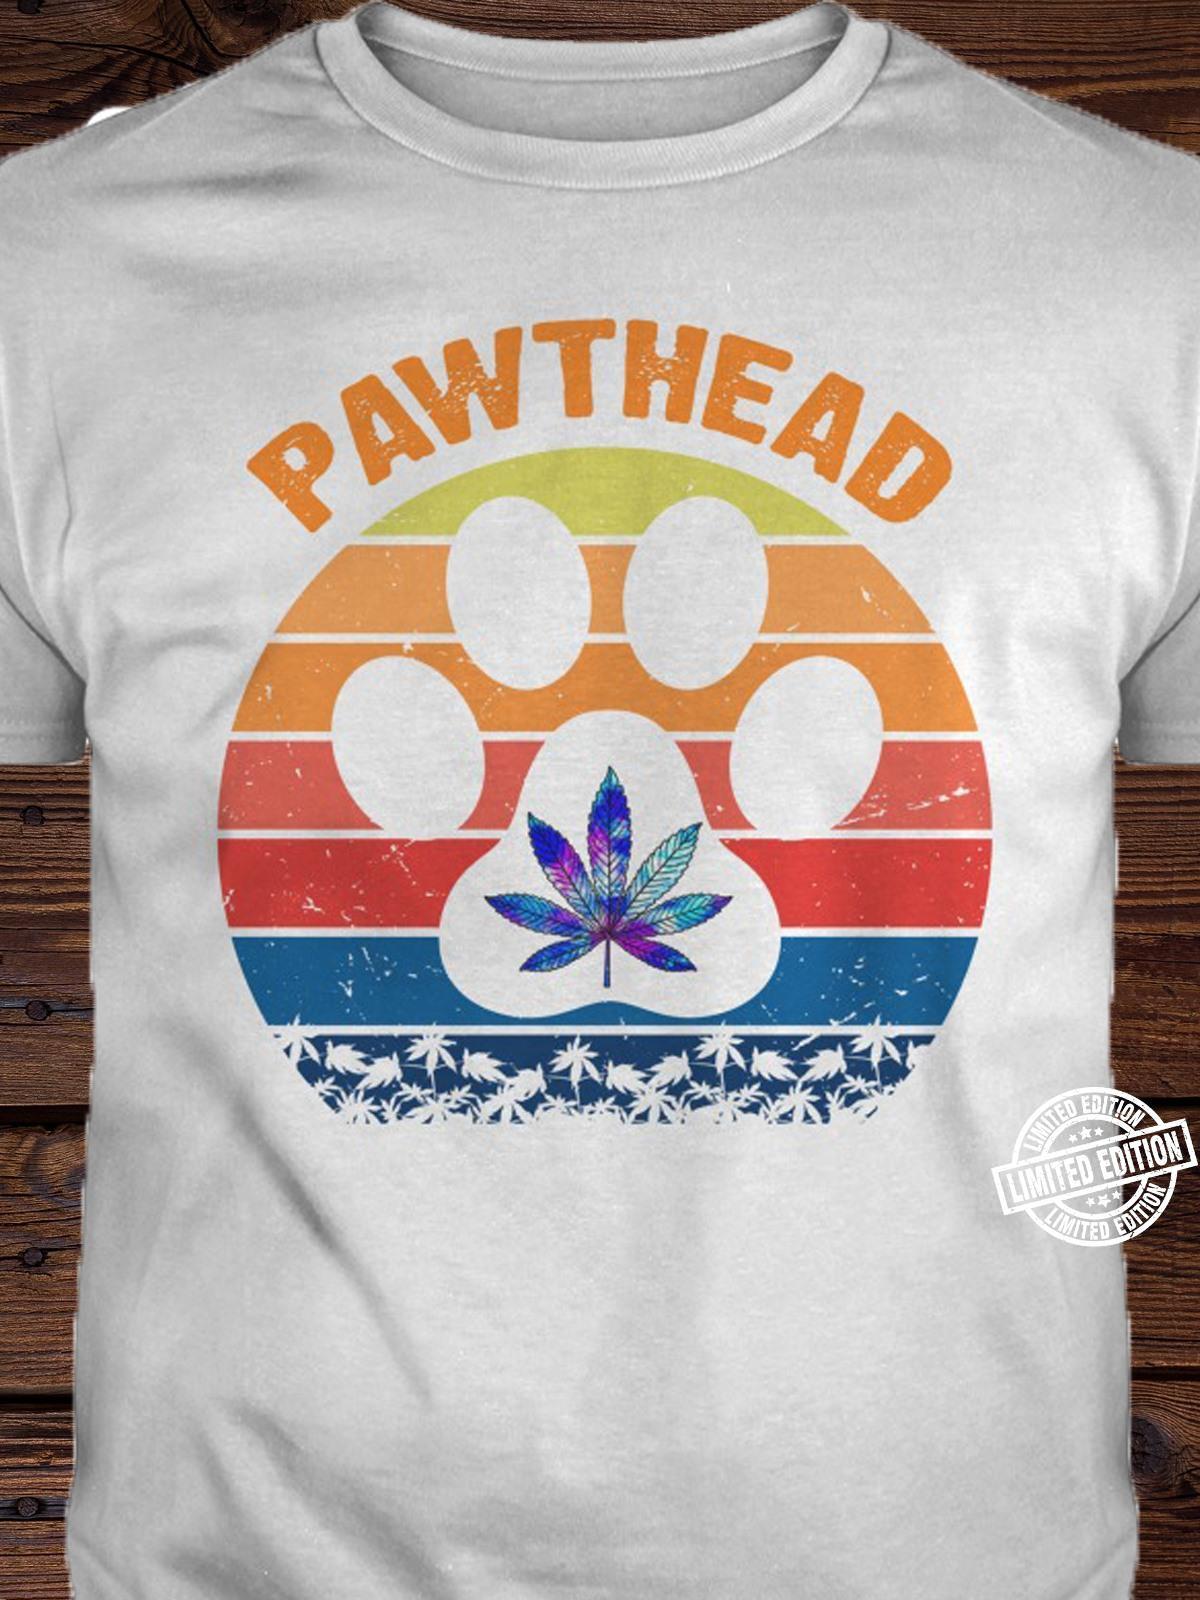 Paw weed pawthead shirt